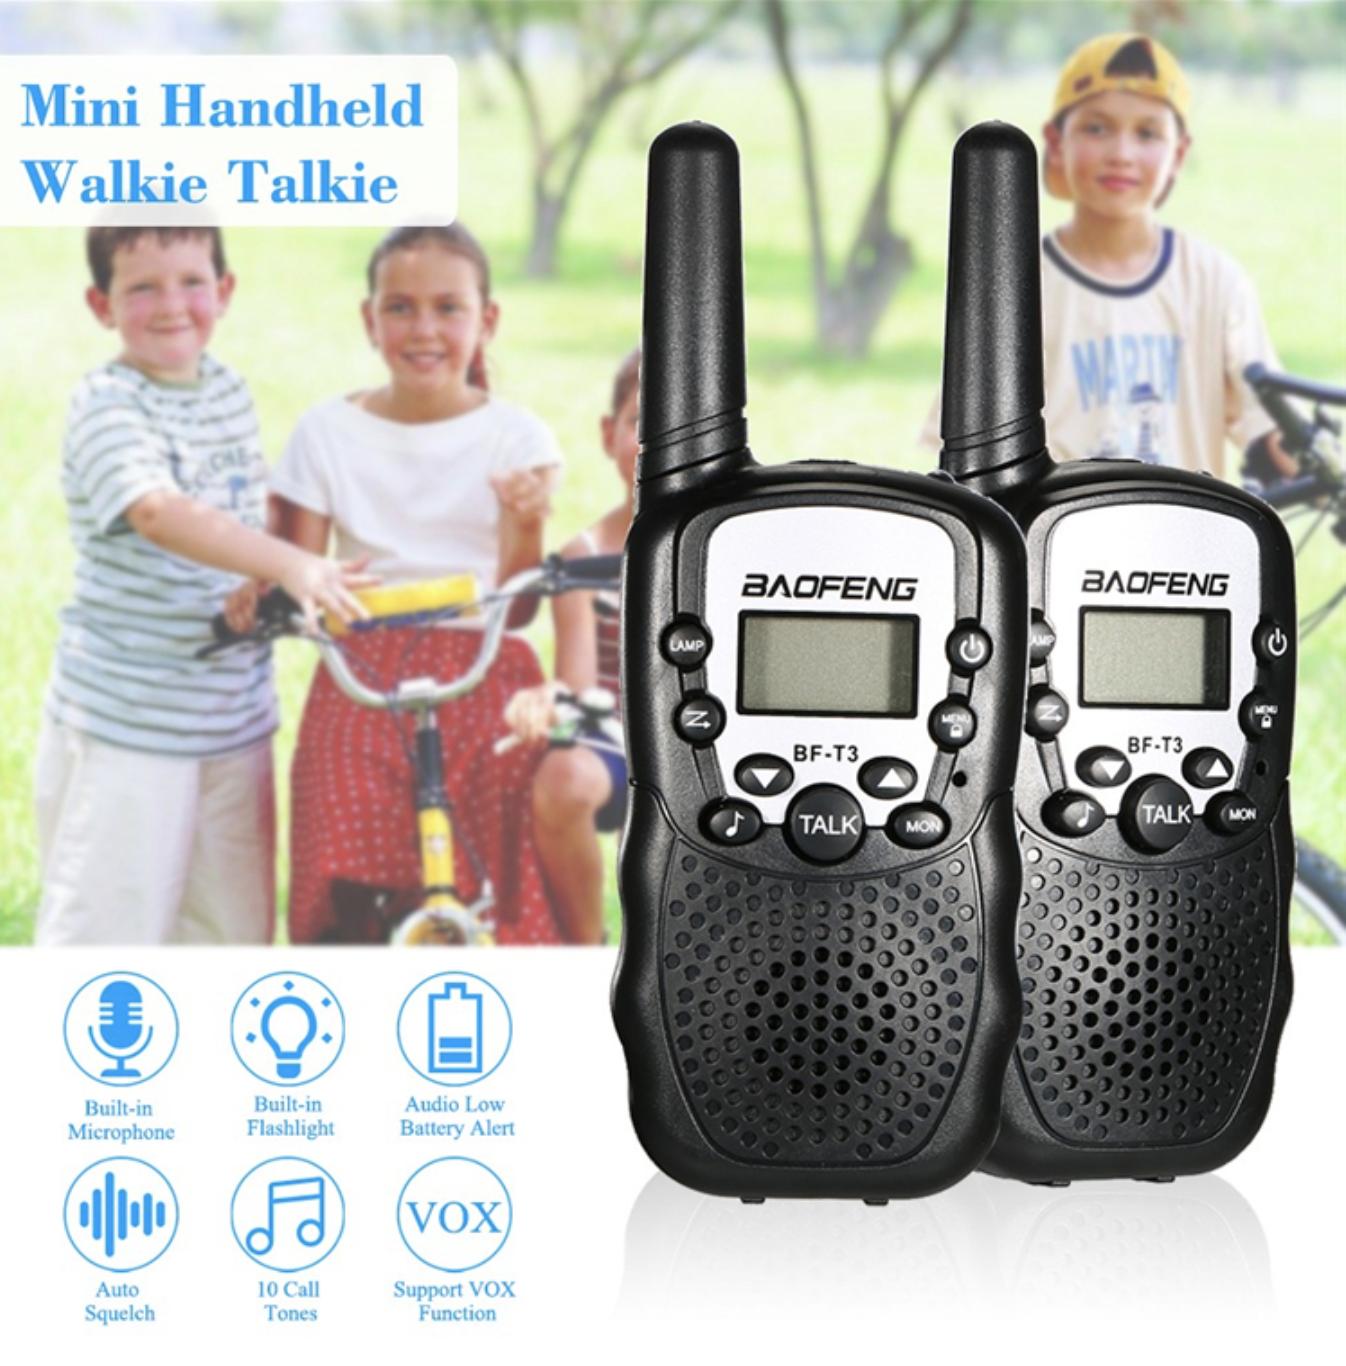 """Baofeng BF-T3 -זוג מכשירי קשר """"ווקי טקי"""" מומלץ לילדים במחיר נהדר!"""